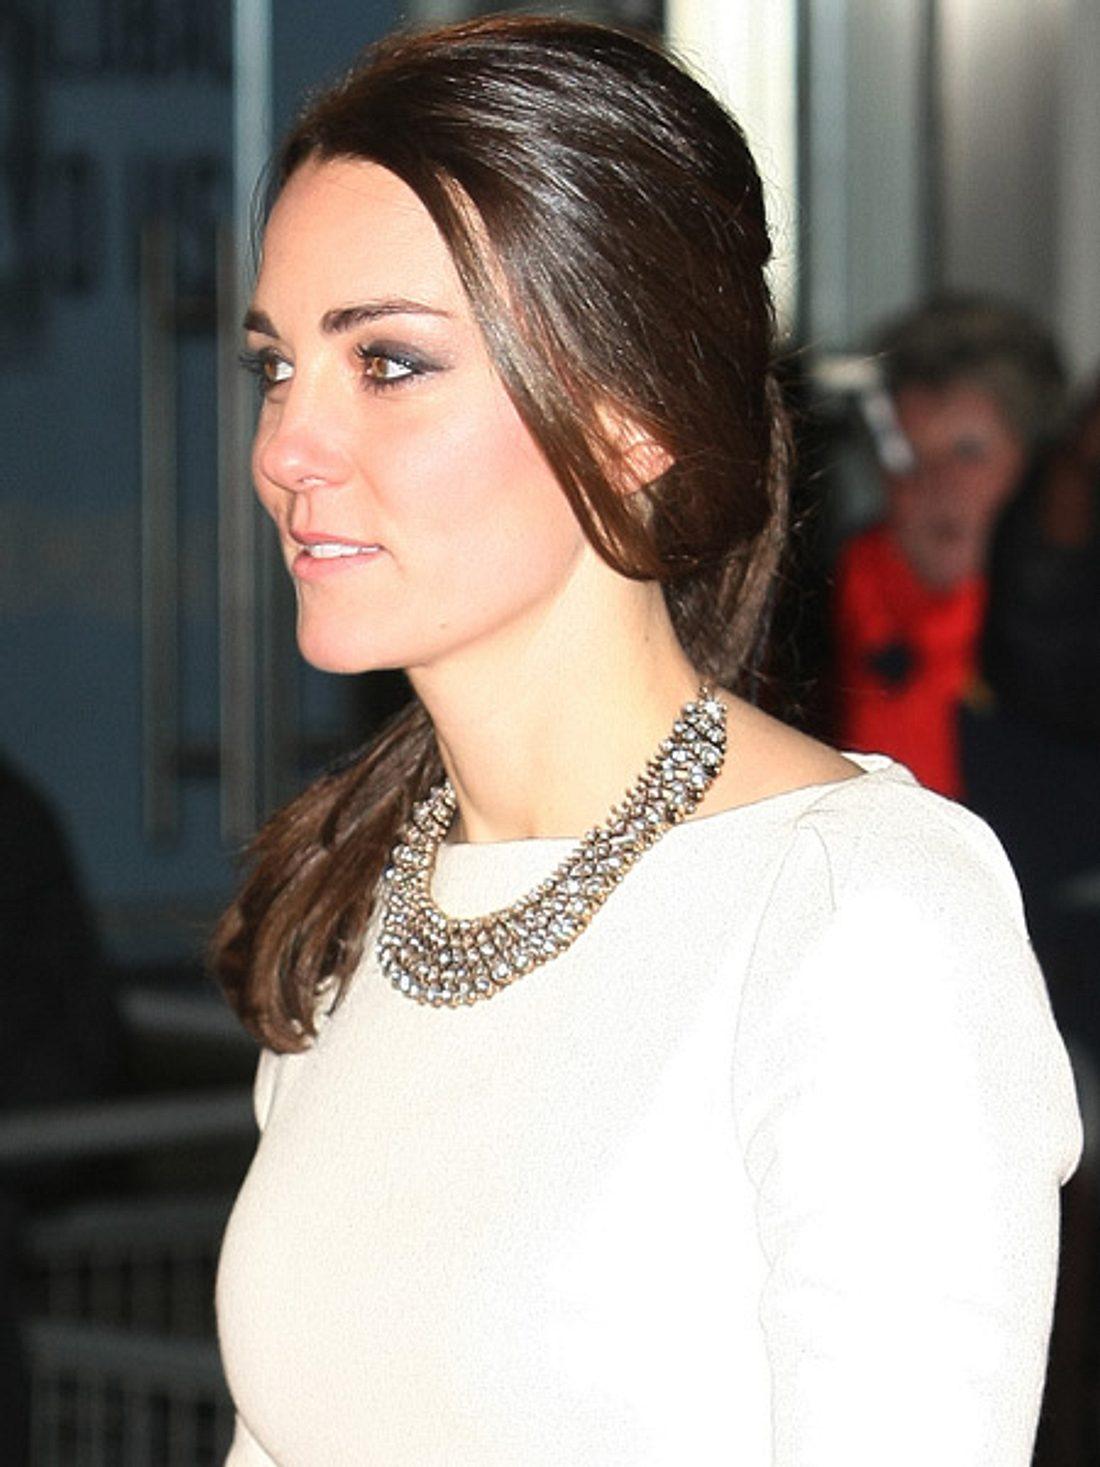 Herzogin Kate trug eine Zara-Kette